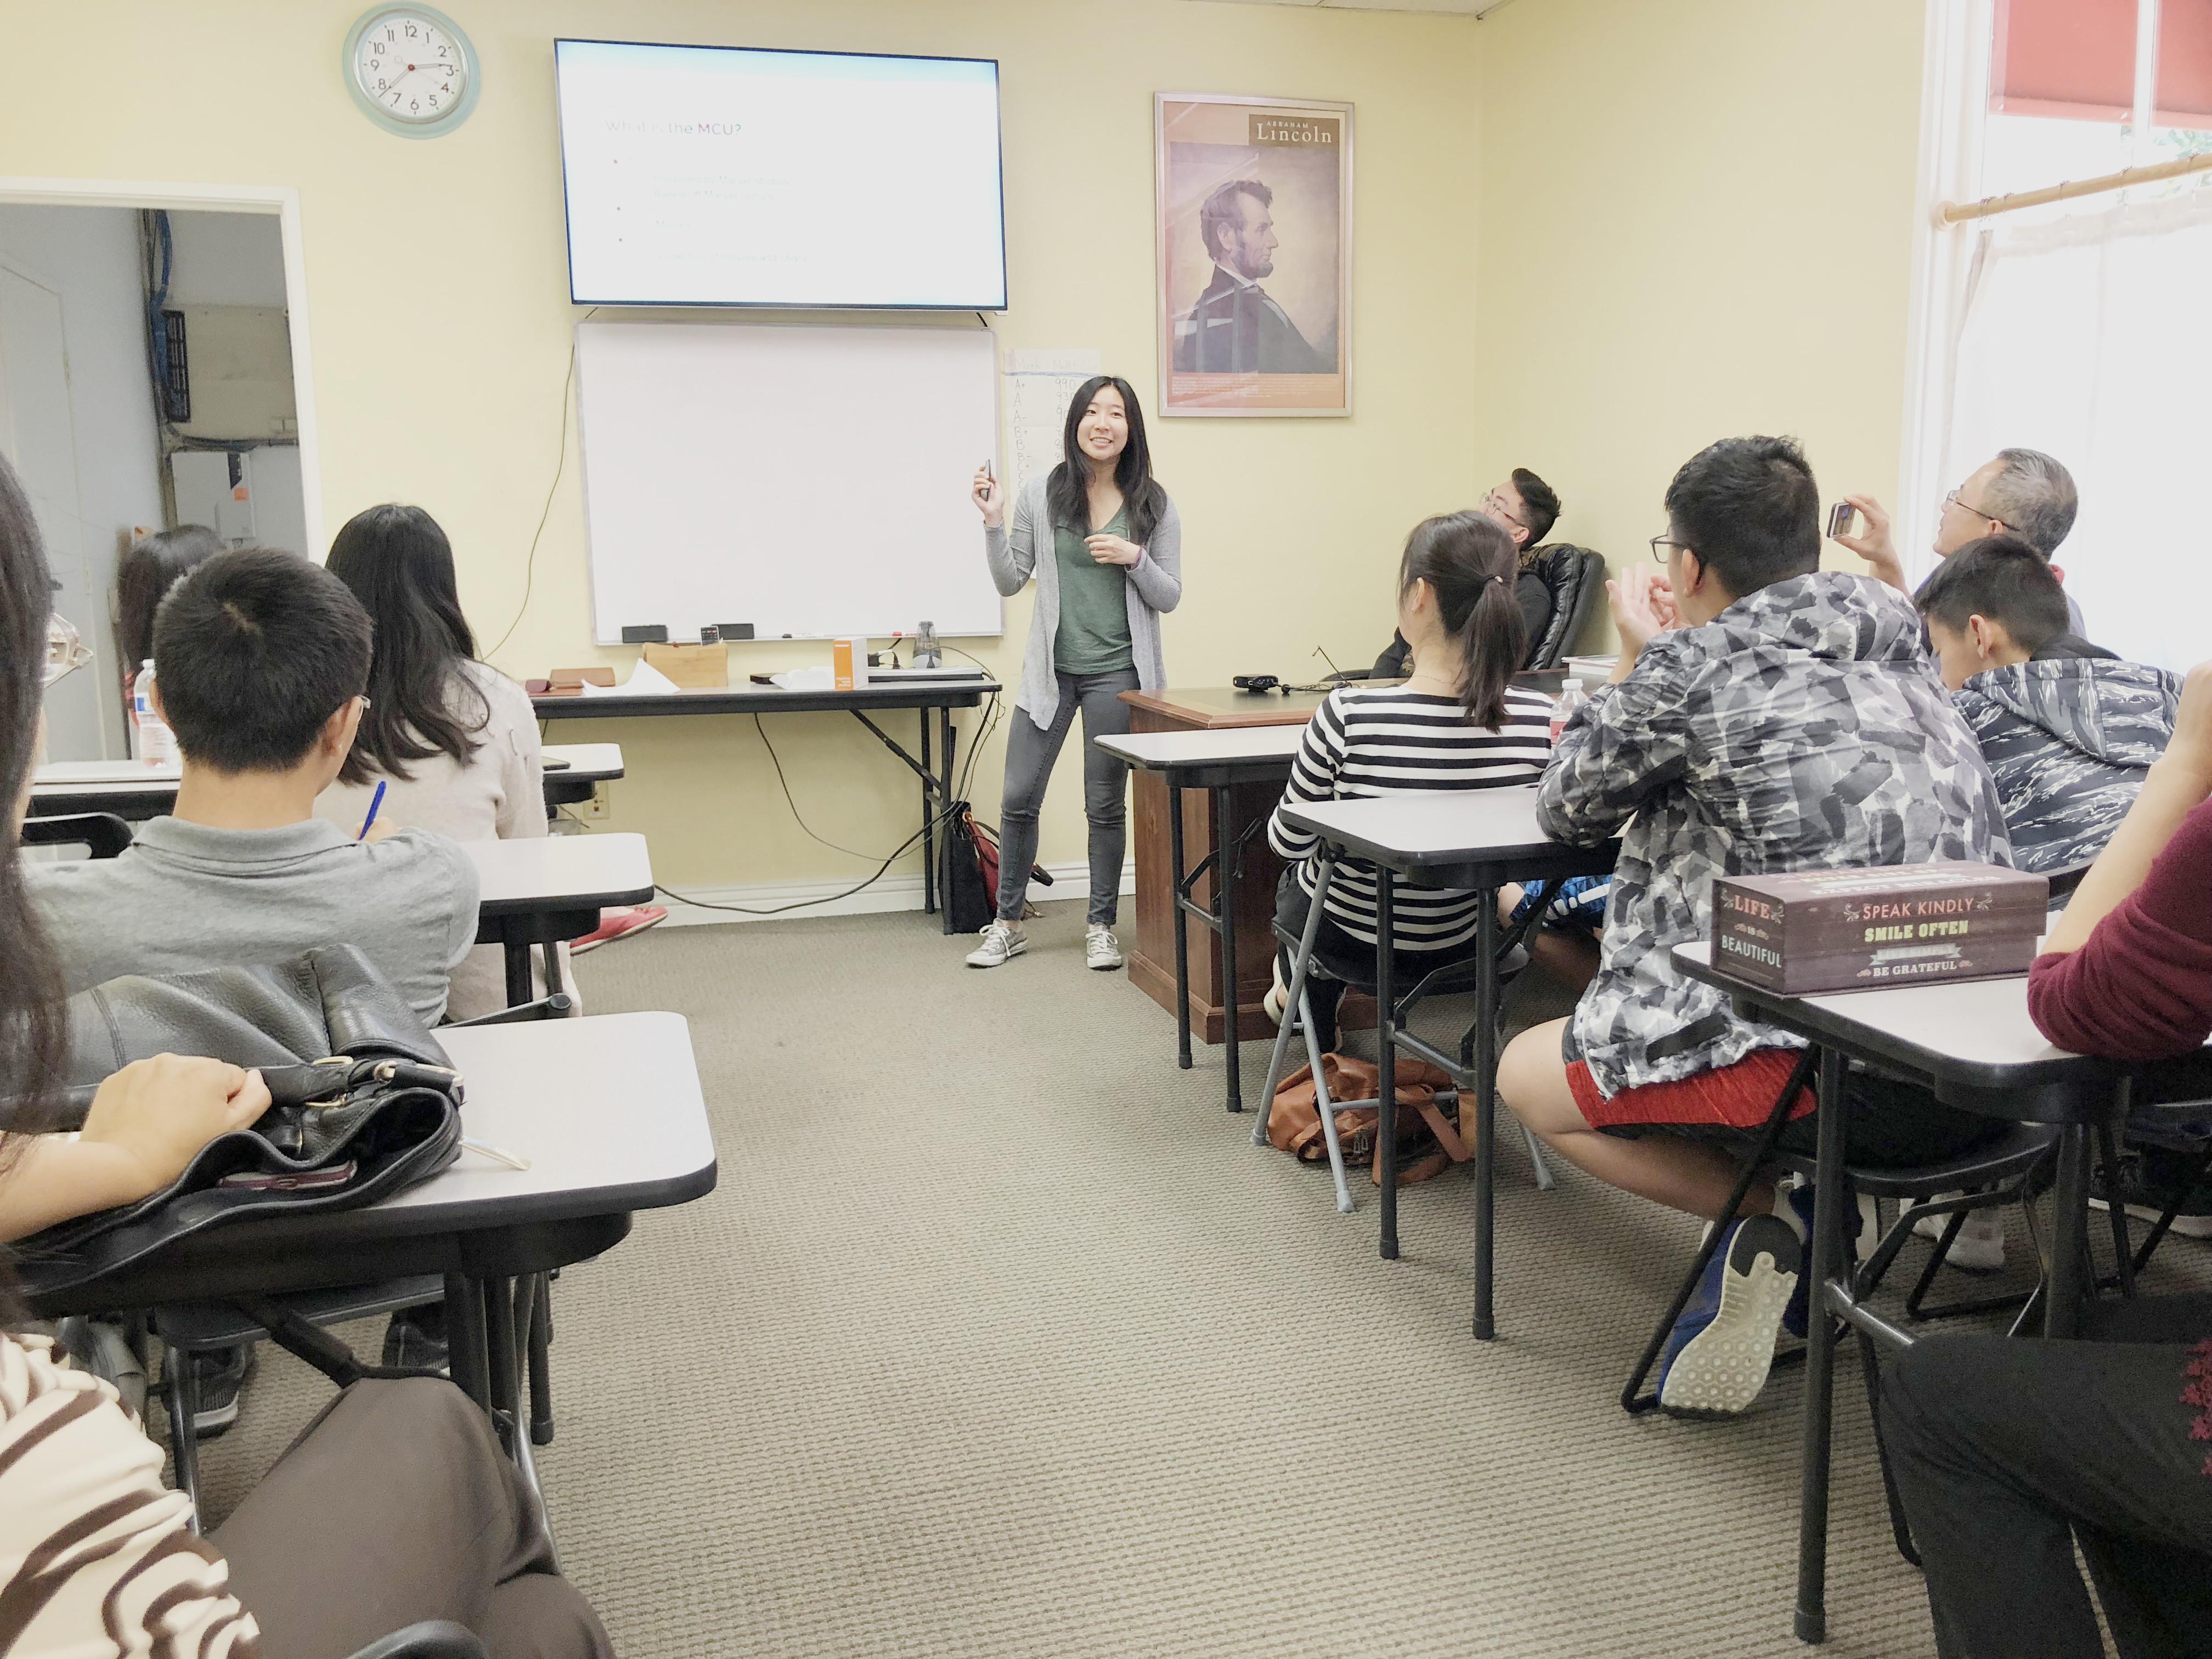 基金會華裔學子們在當地學校、培訓機構分享興趣與知識。(LWPF基金會提供)